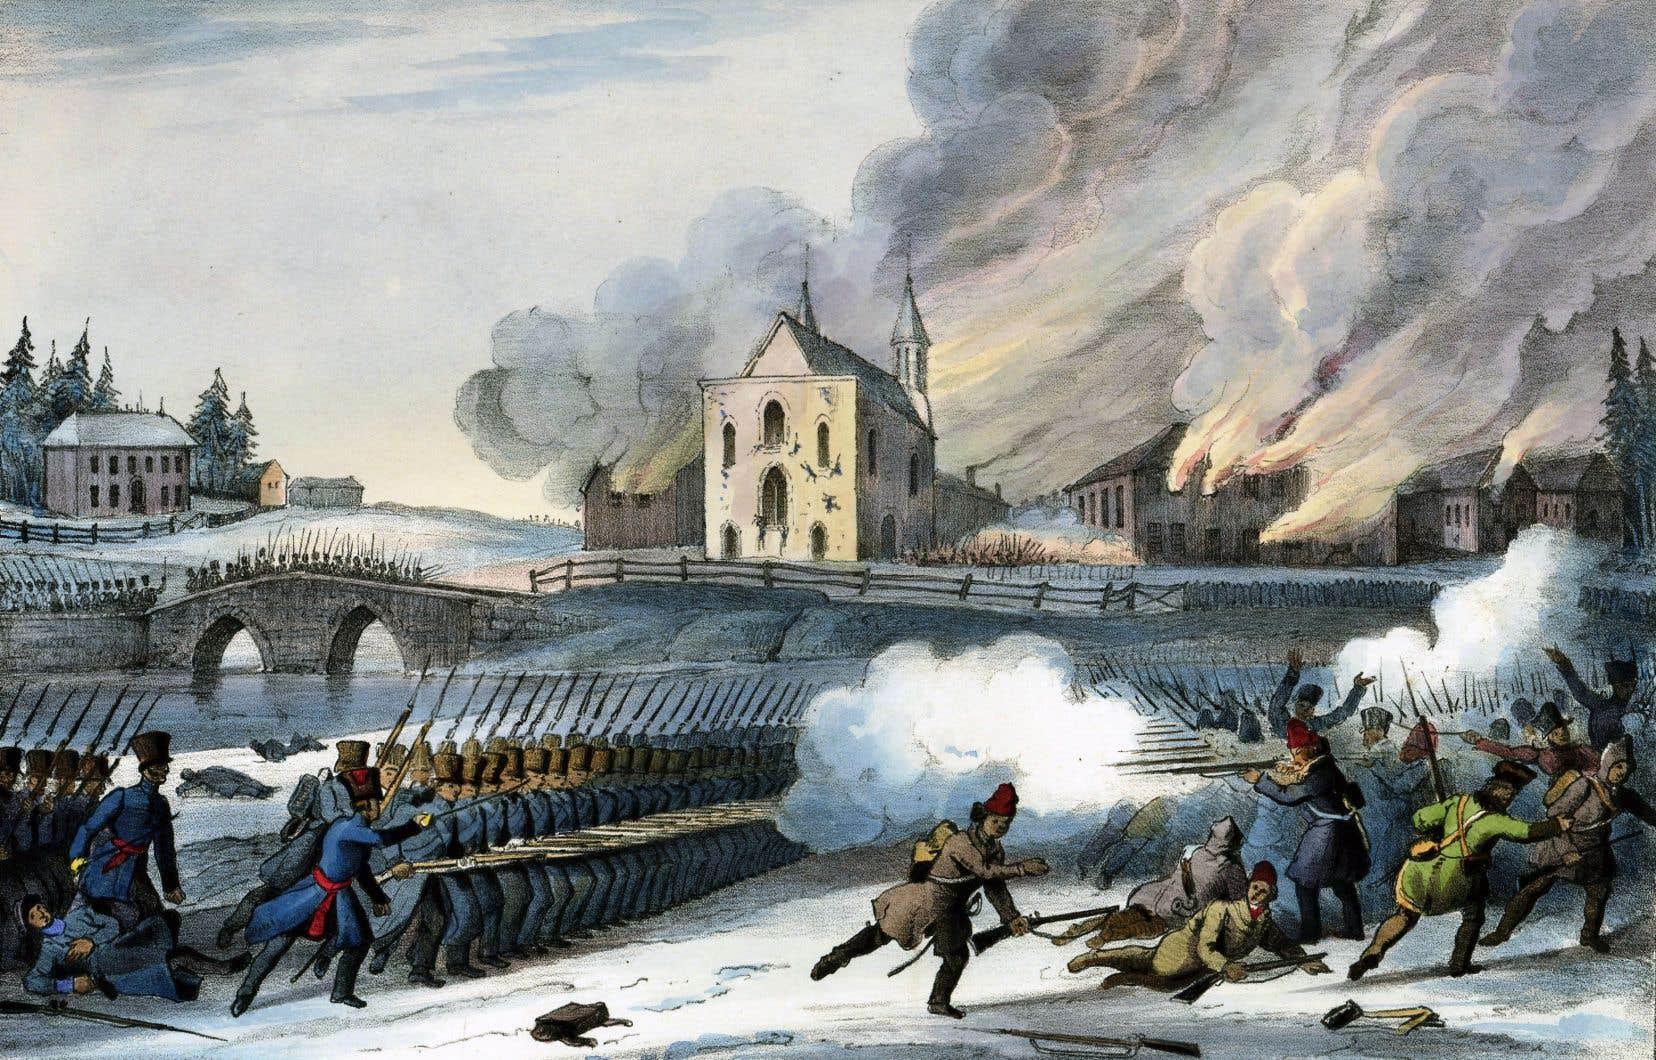 Les troupes anglaises ont attaqué les patriotes à Saint-Eustache, le 14décembre 1837, tout près de l'église, dessinée à l'arrière-plan, dans laquelle les insurgés se sont retranchés.